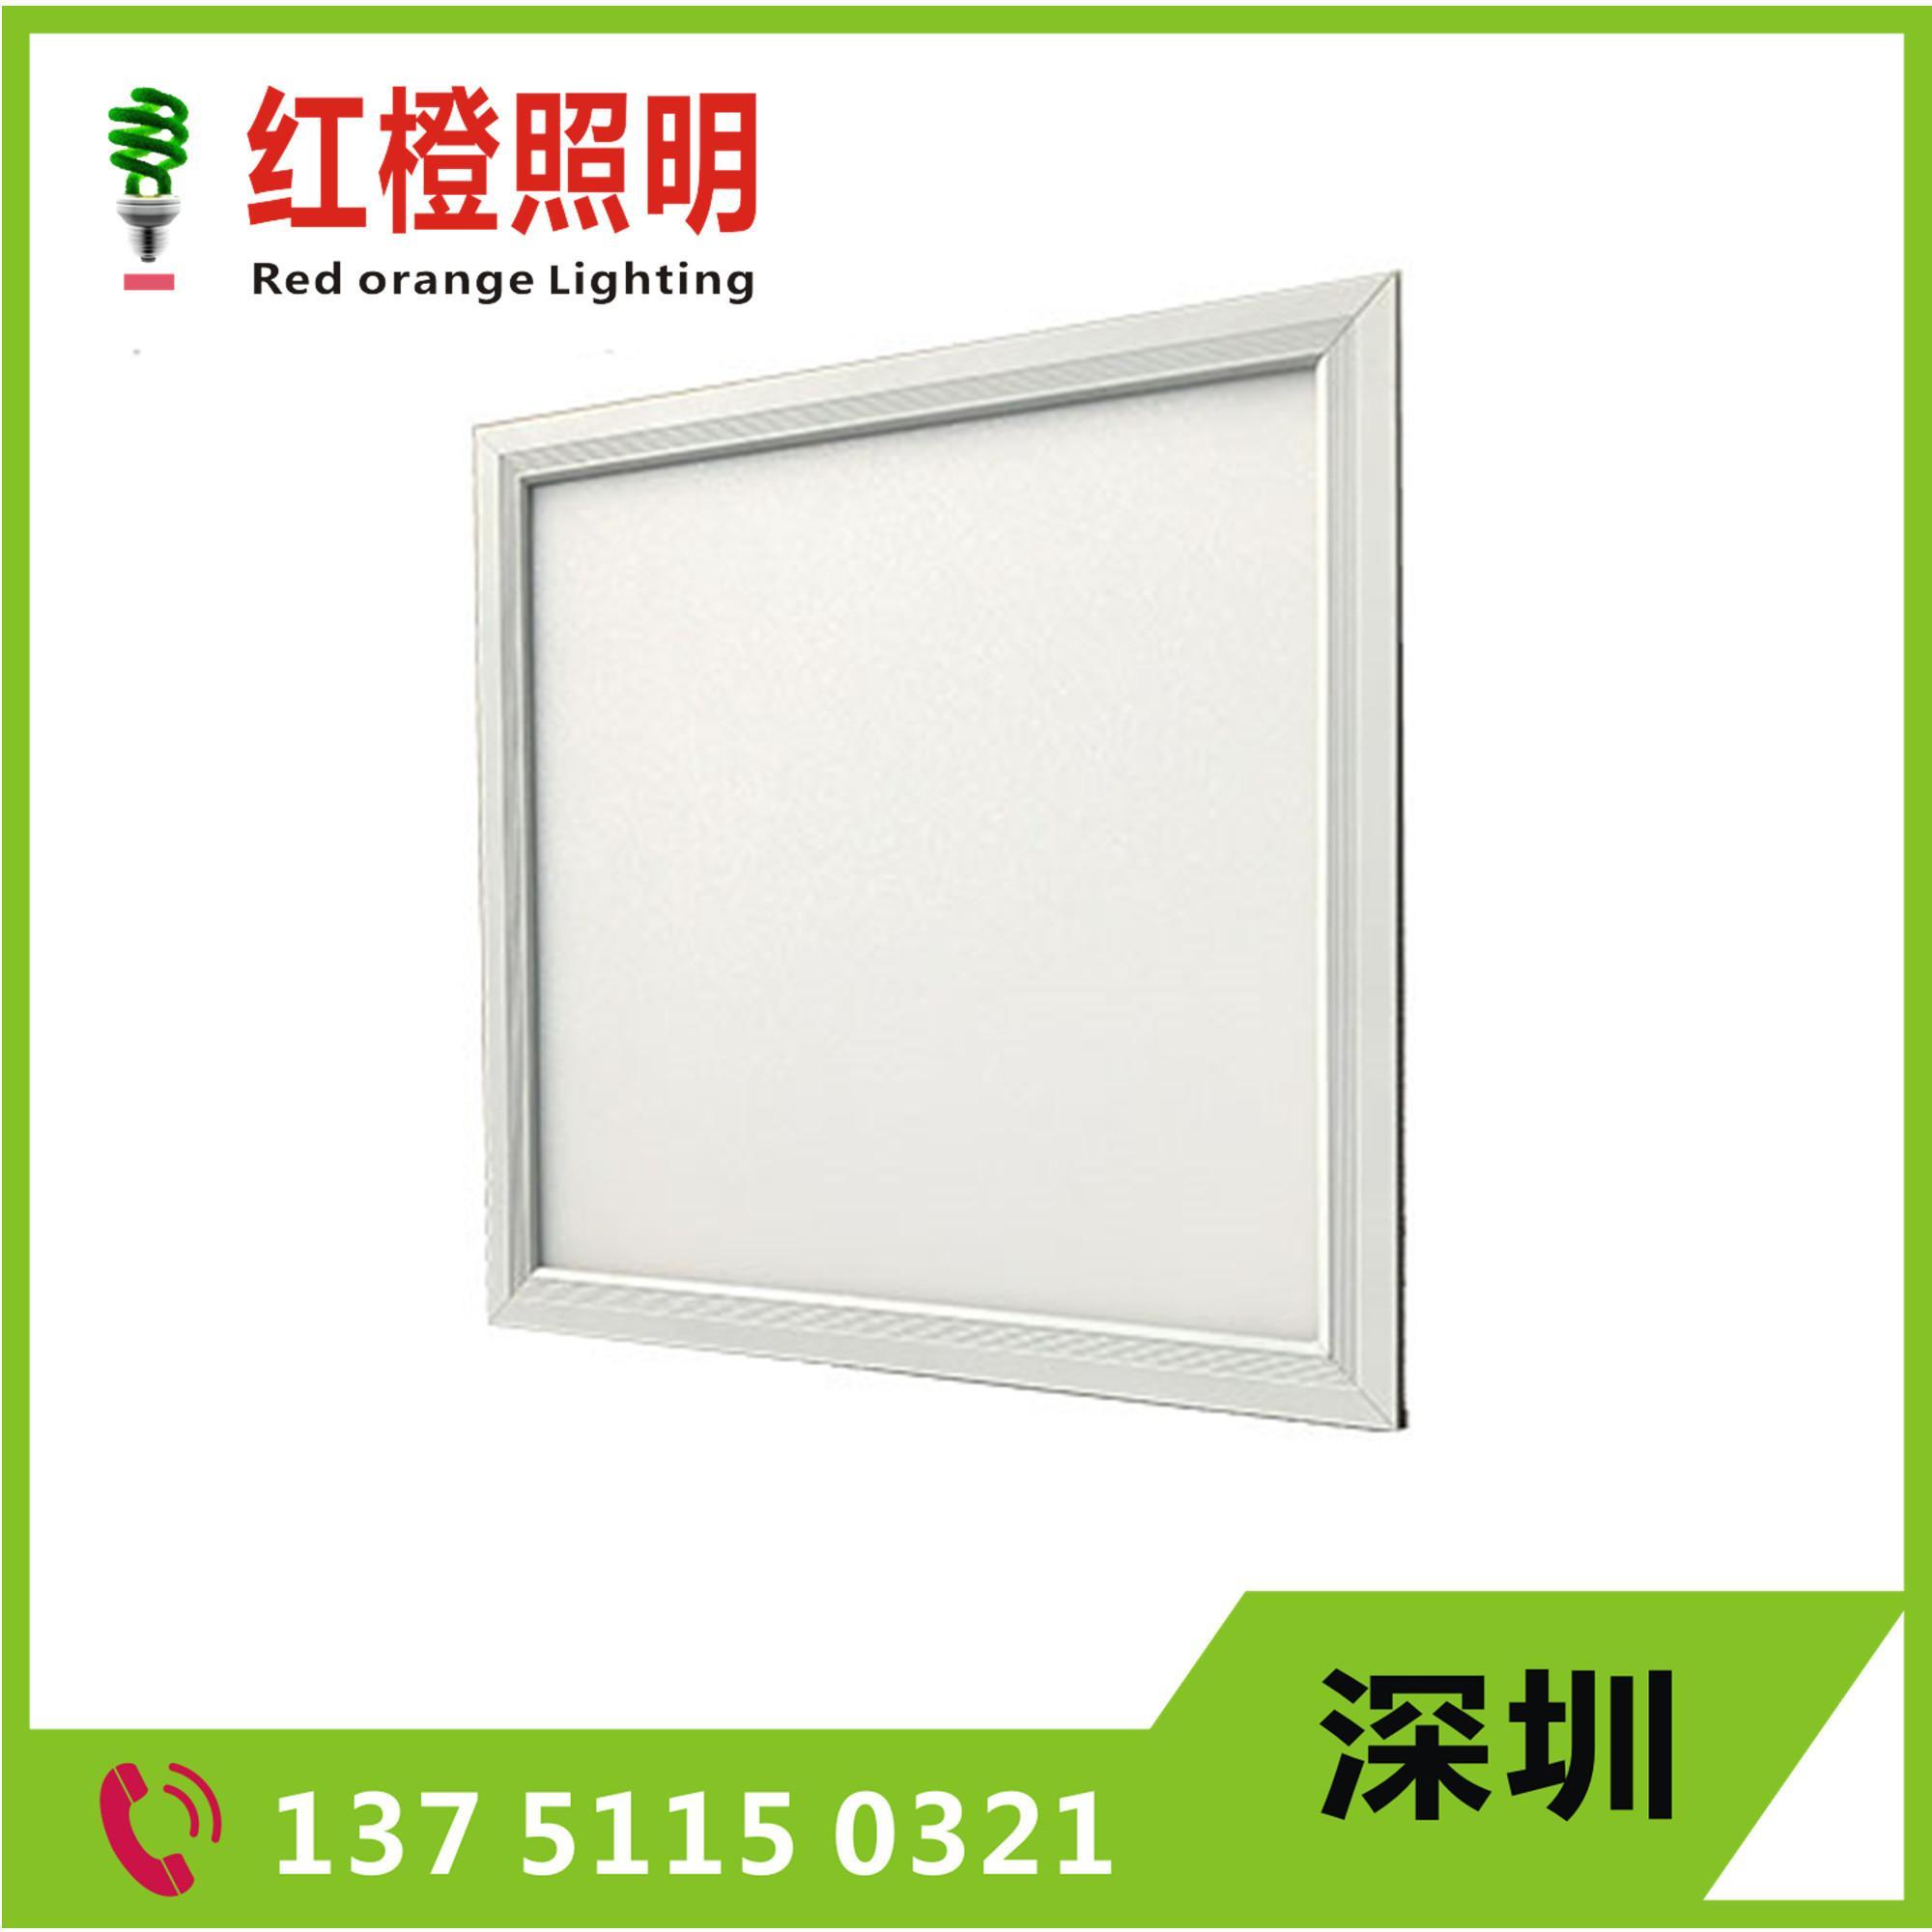 LED面板灯平板灯办公照明灯600x600 1